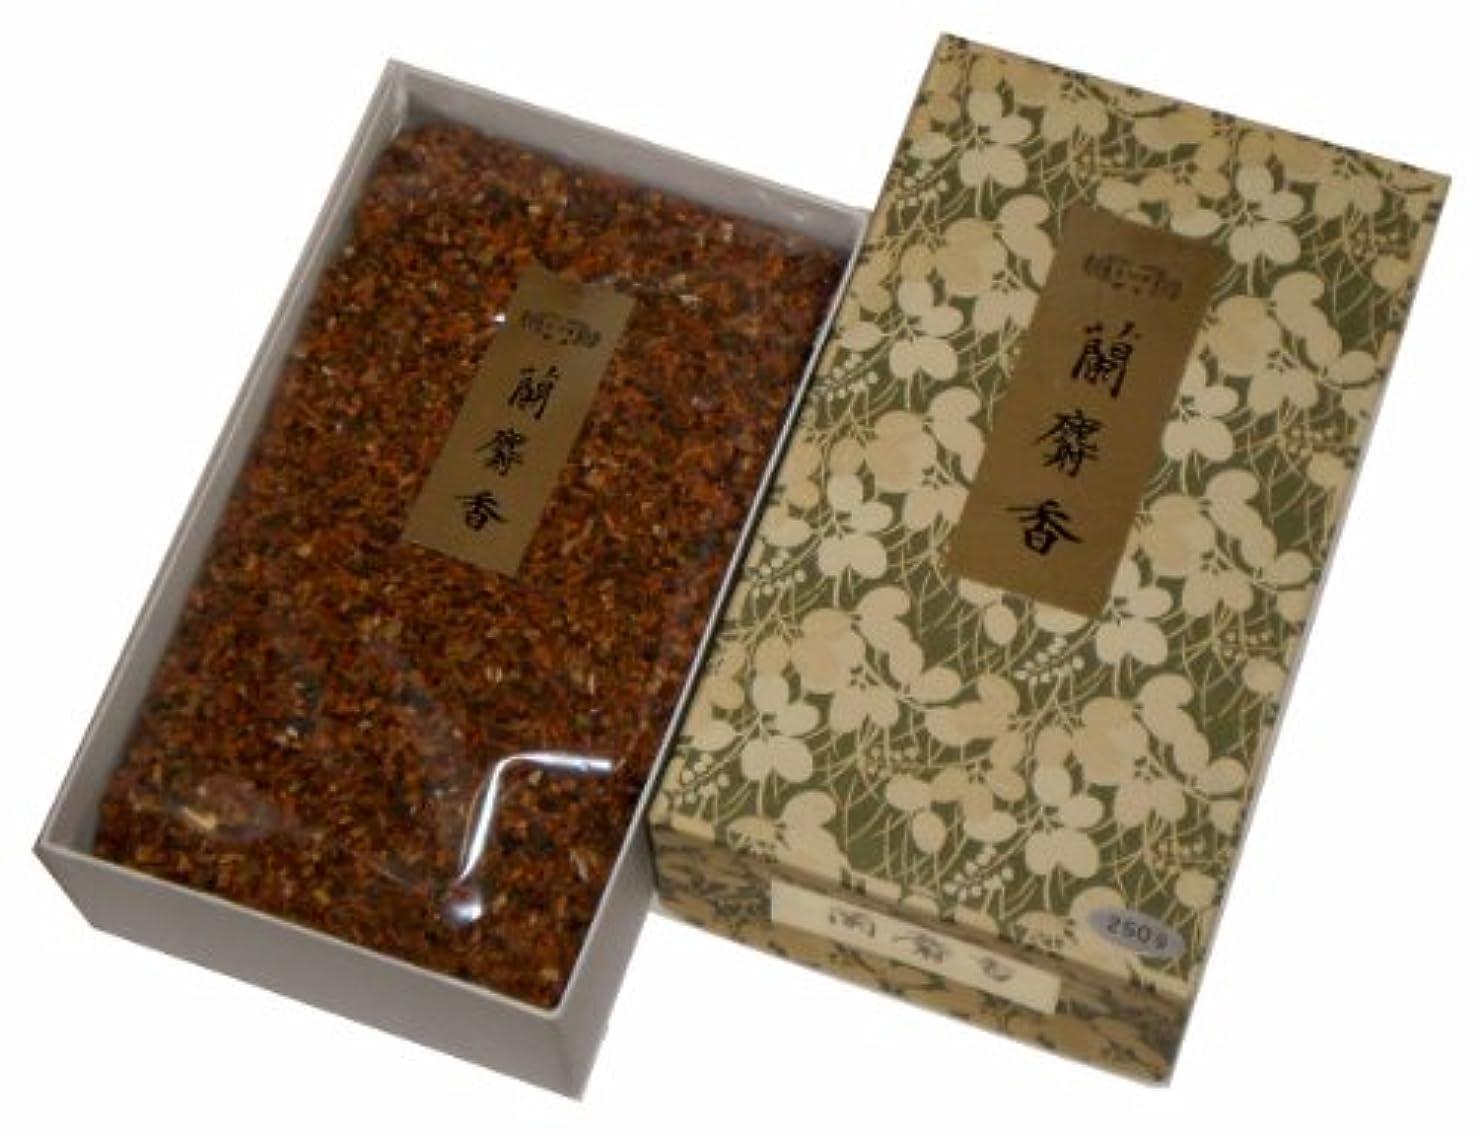 玉初堂のお香 蘭麝香 250g #622